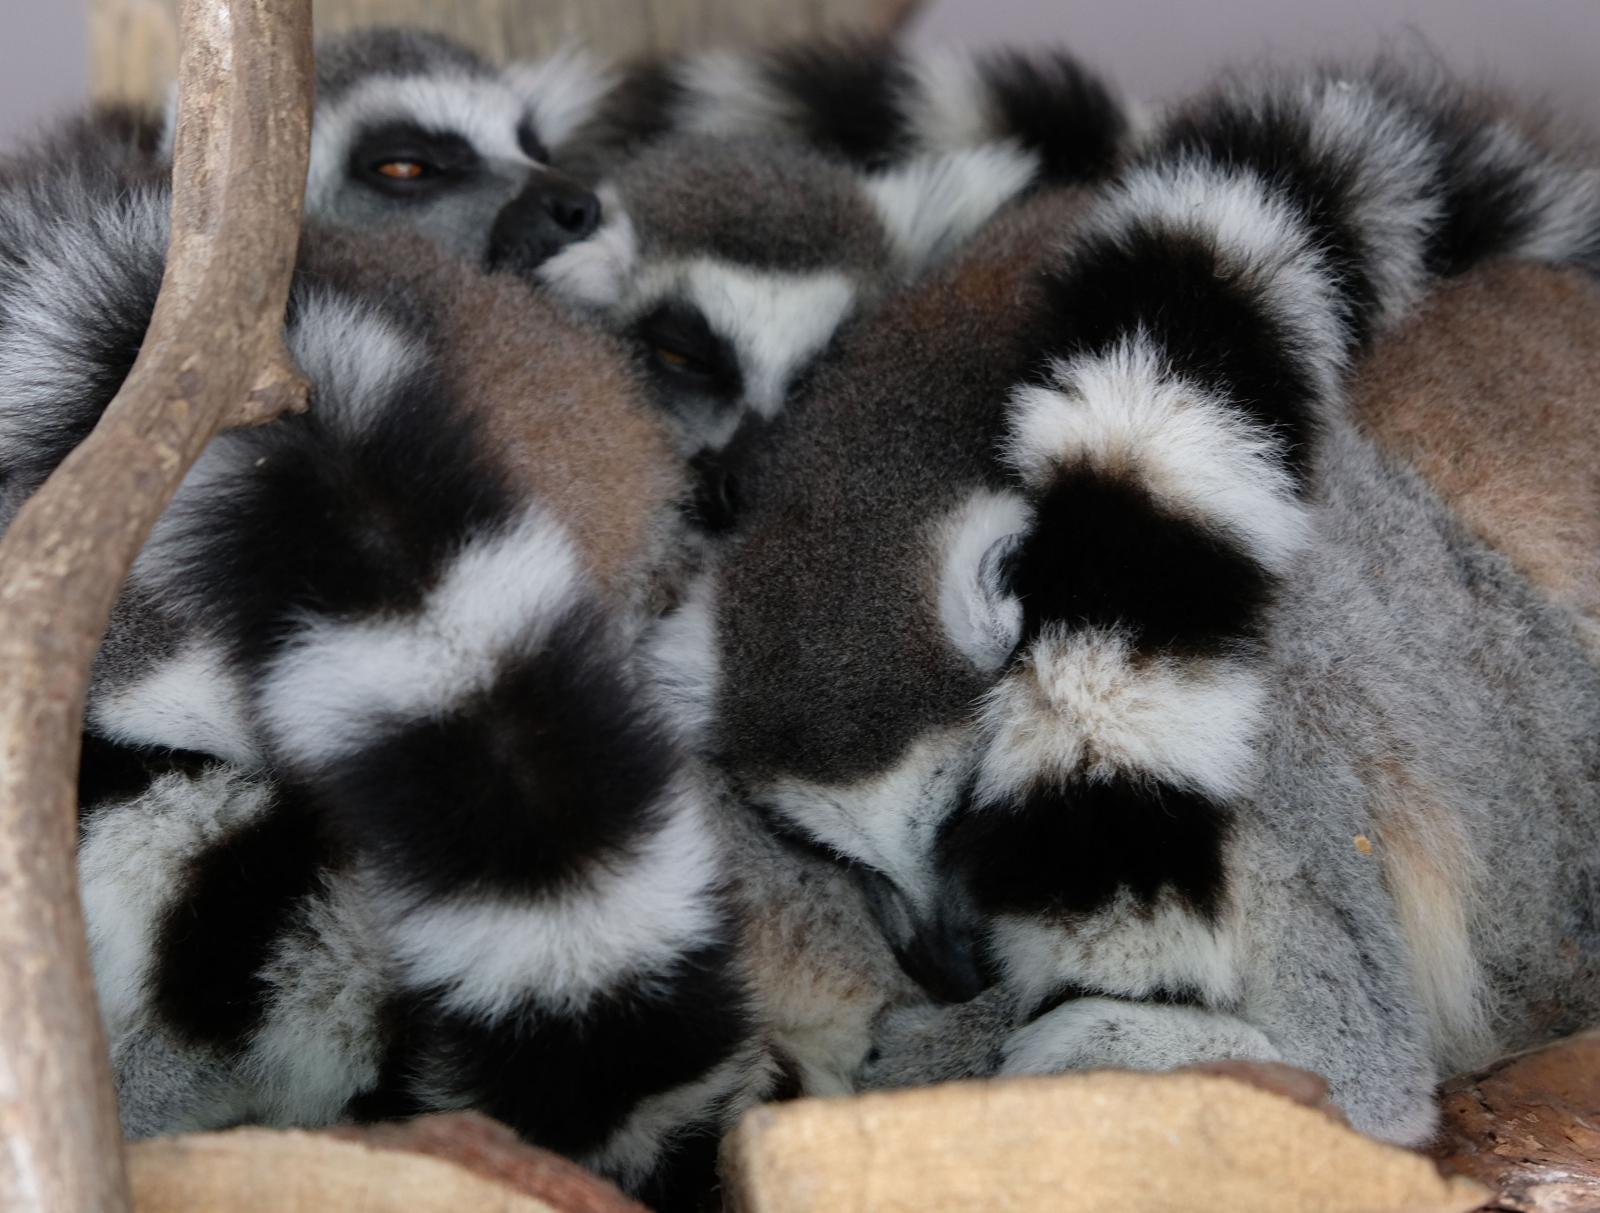 Lemurerna hade siesta under vårt besök. Hur många kan du räkna till?